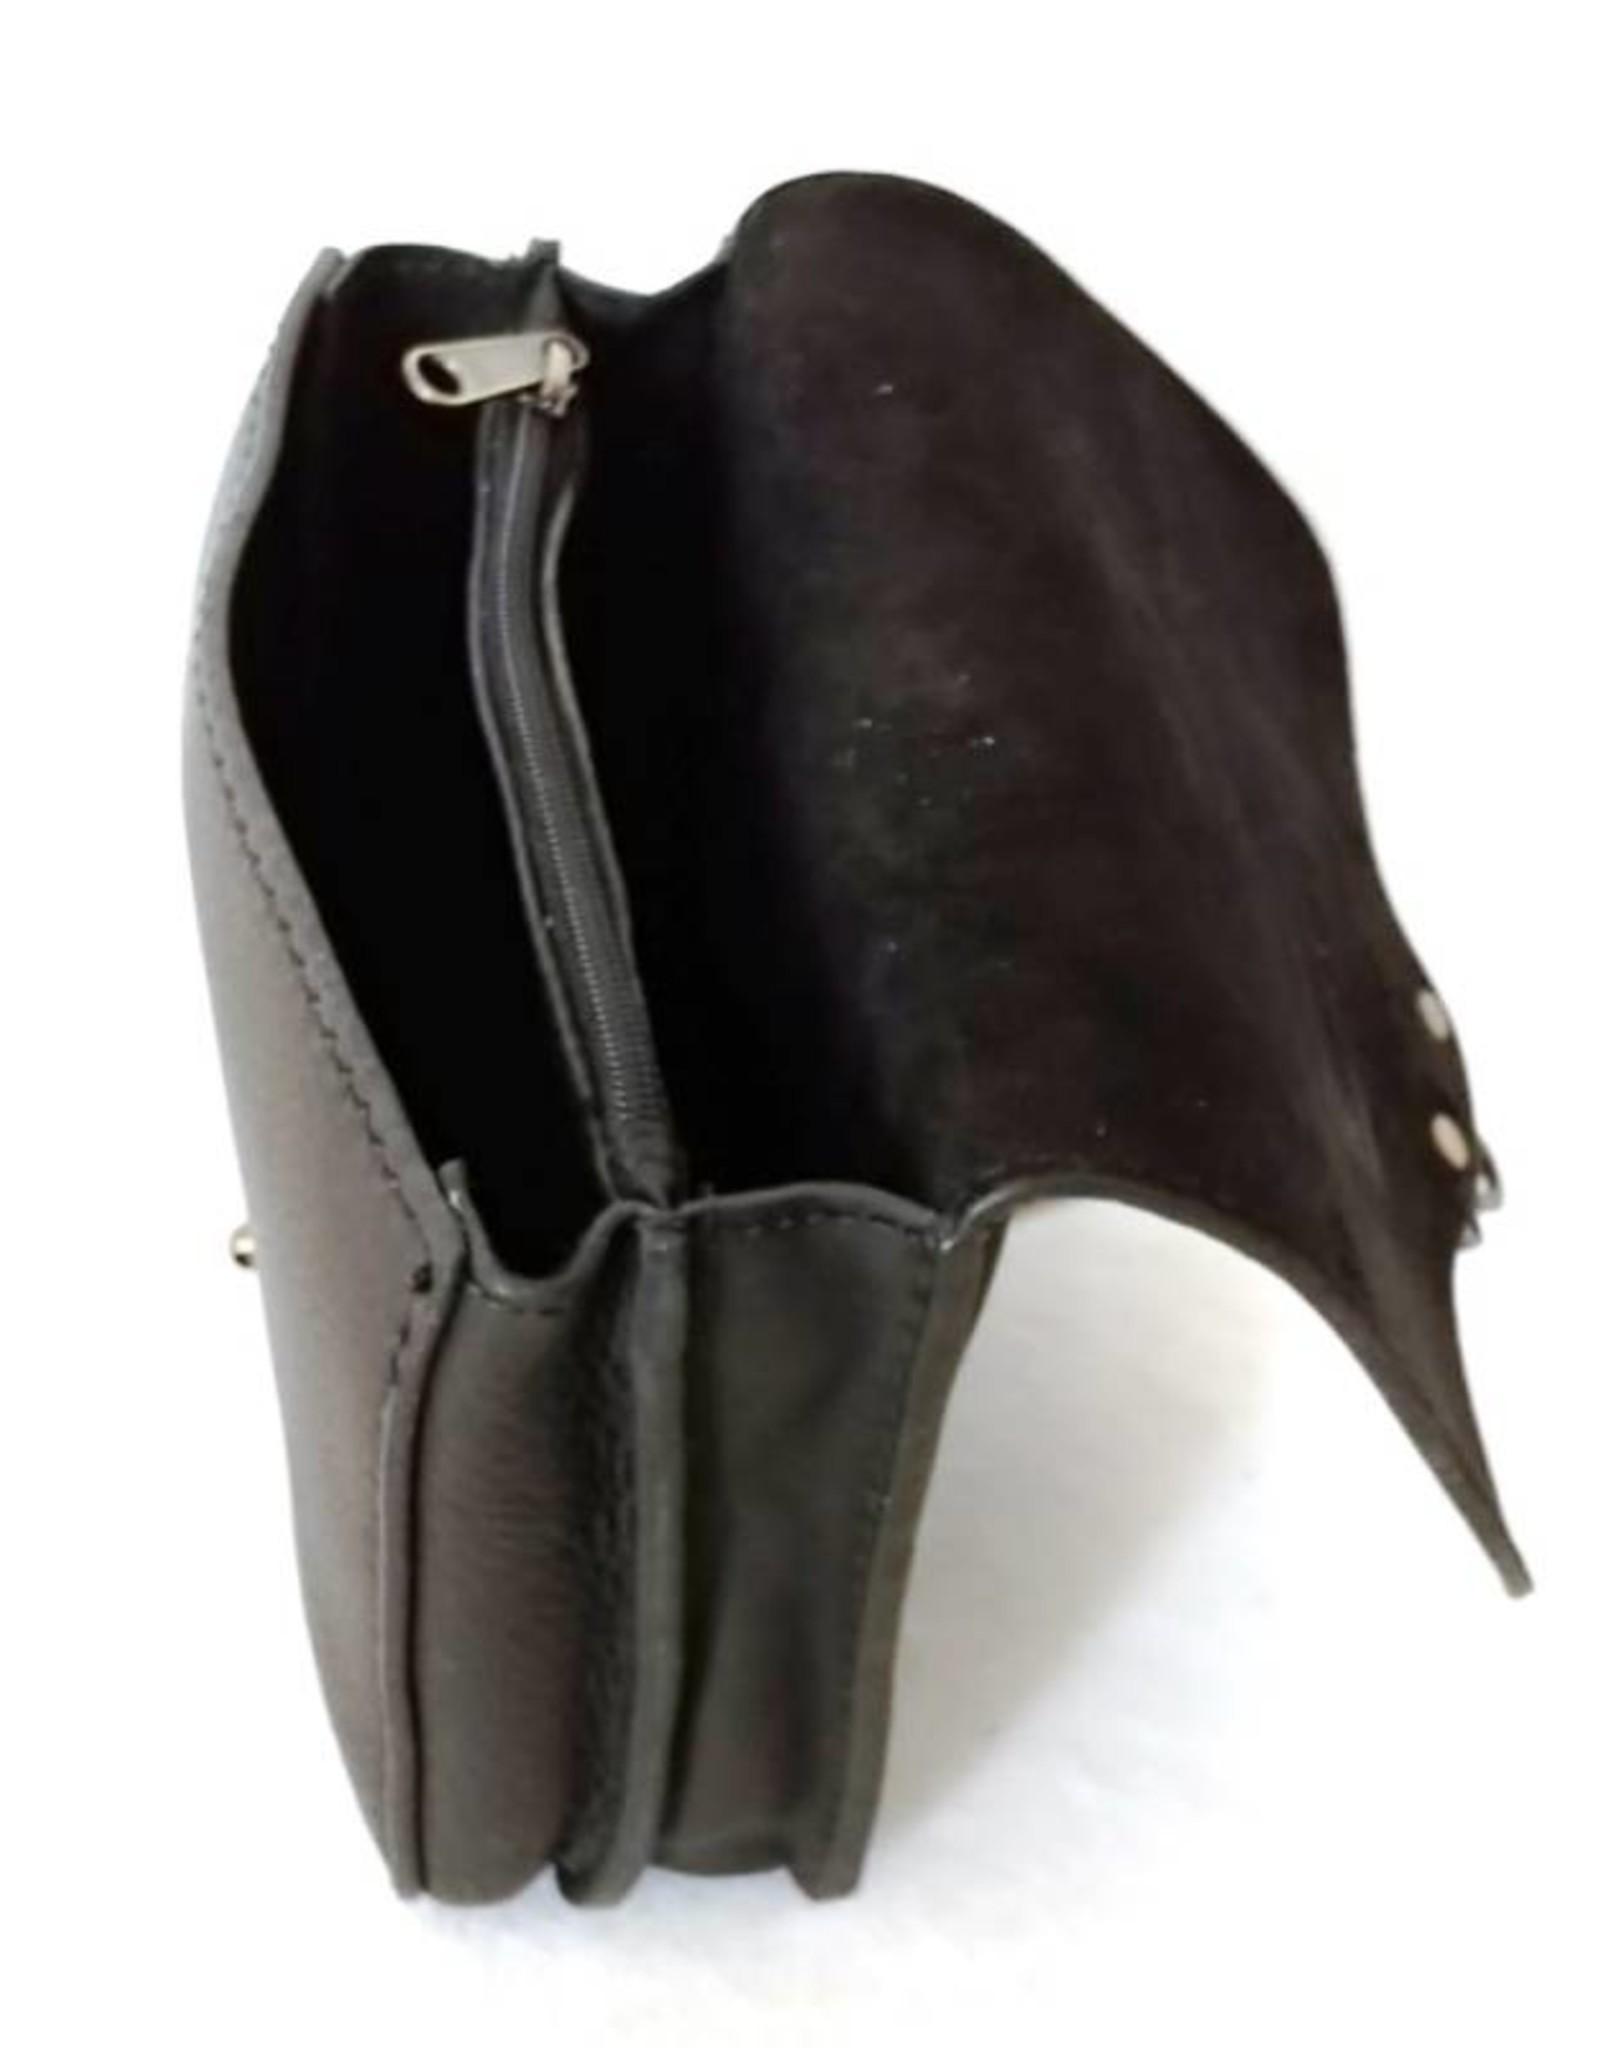 HillBurry Leren tassen -Hillburry leren riemtas zwart 3156